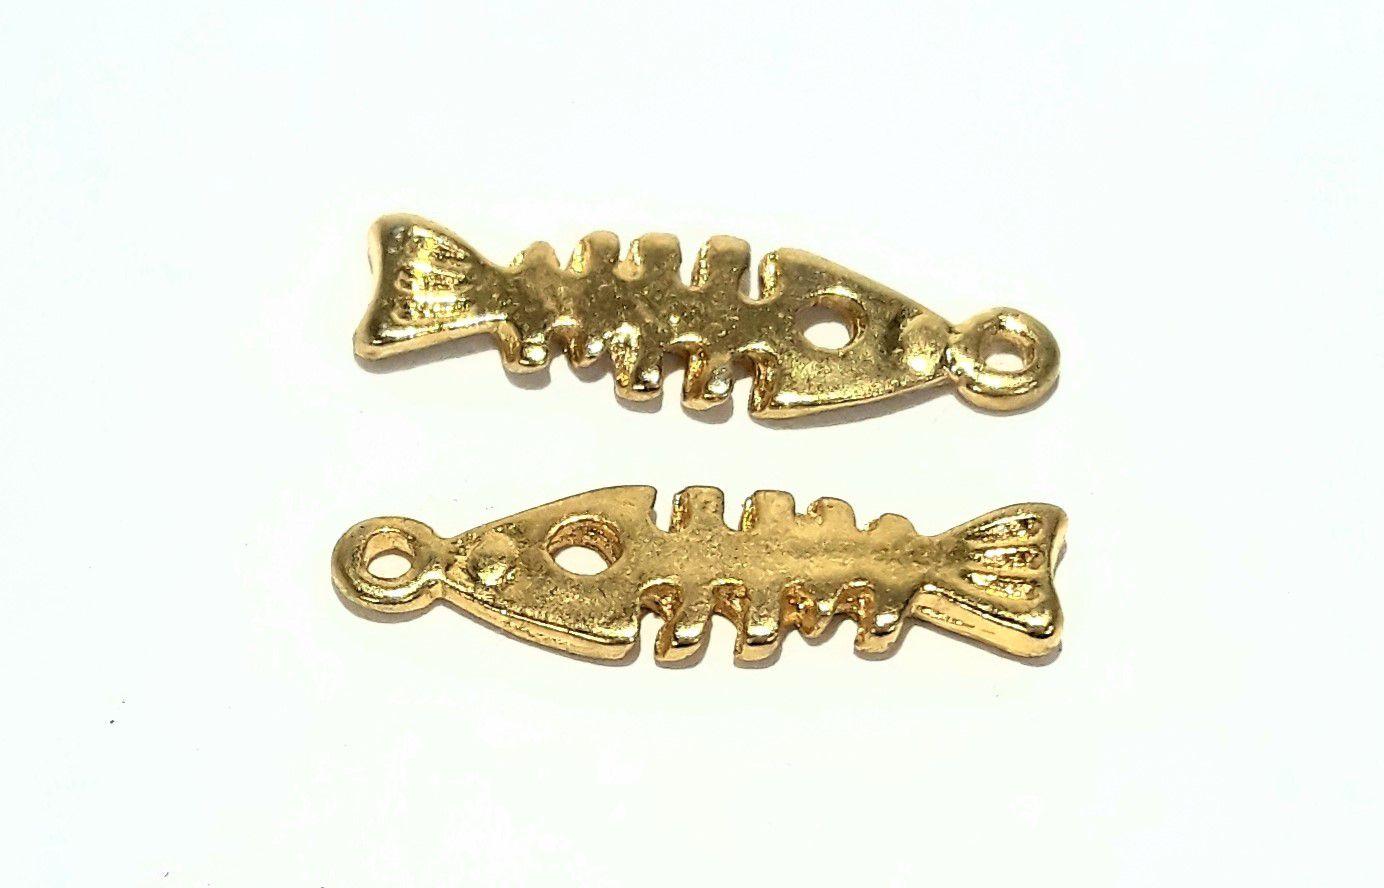 Pingente Espinha de Peixe - PINM22